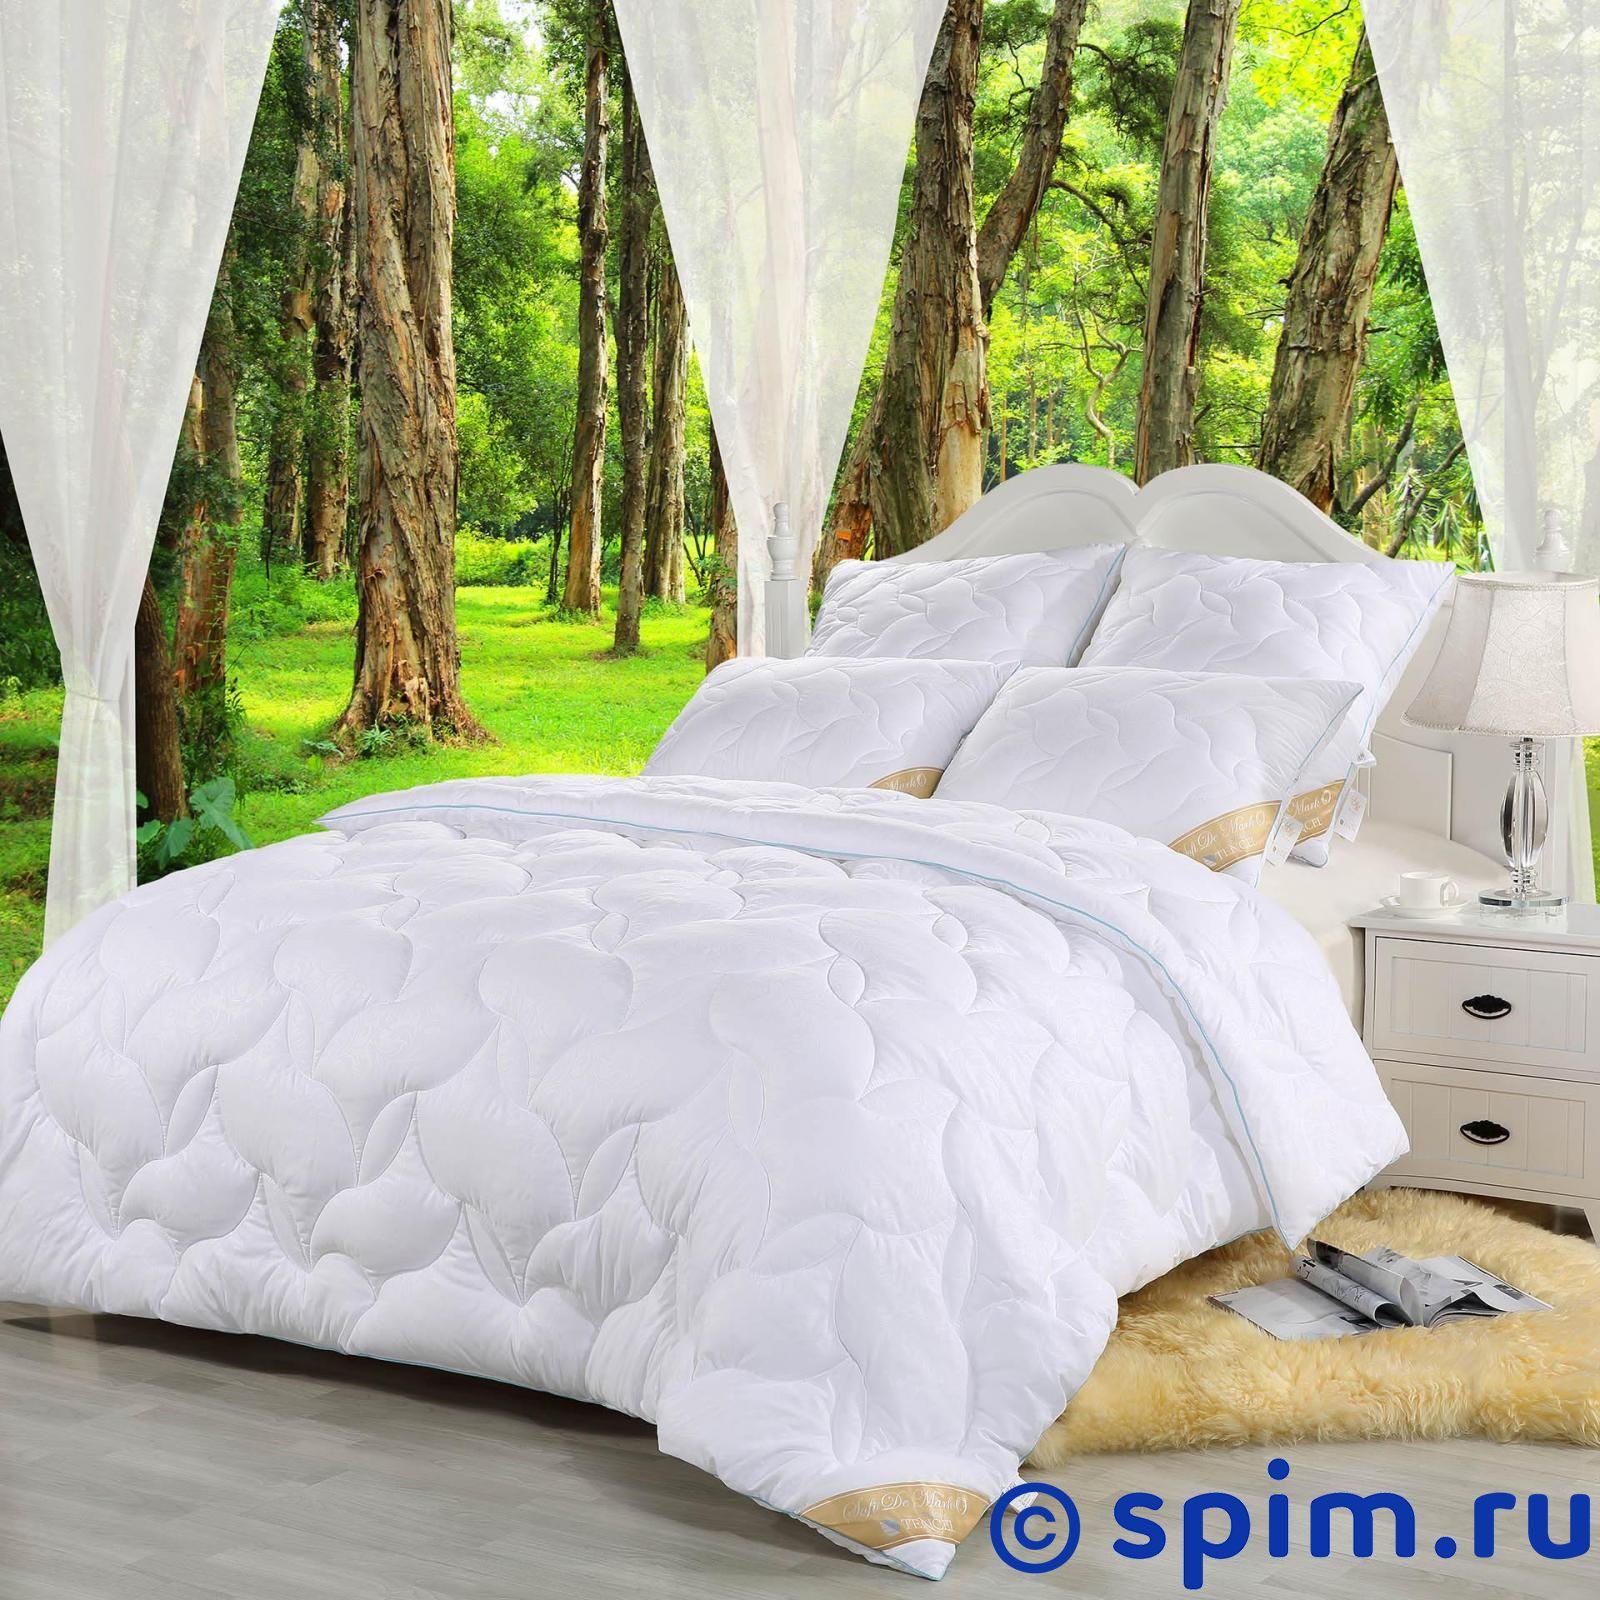 Купить Одеяло Sofi De Marko Tencel 195х215 см